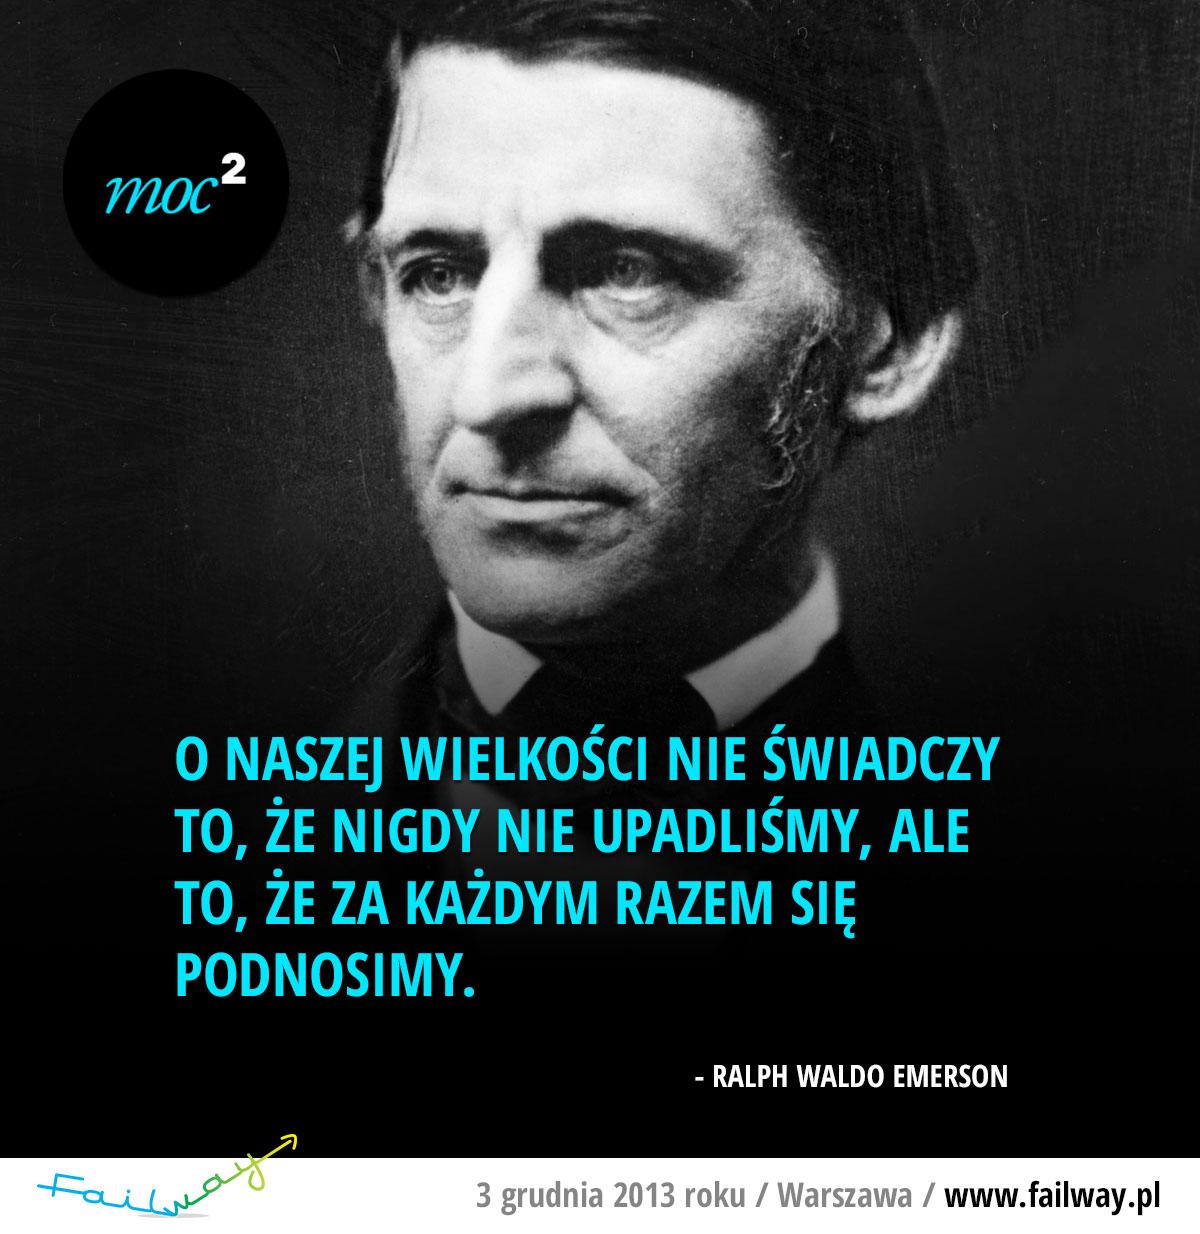 O naszej wielkości nie świadczy to, że nigdy nie upadliśmy, ale to, że za każdym razem się podnosimy. - Ralph Waldo Emerson